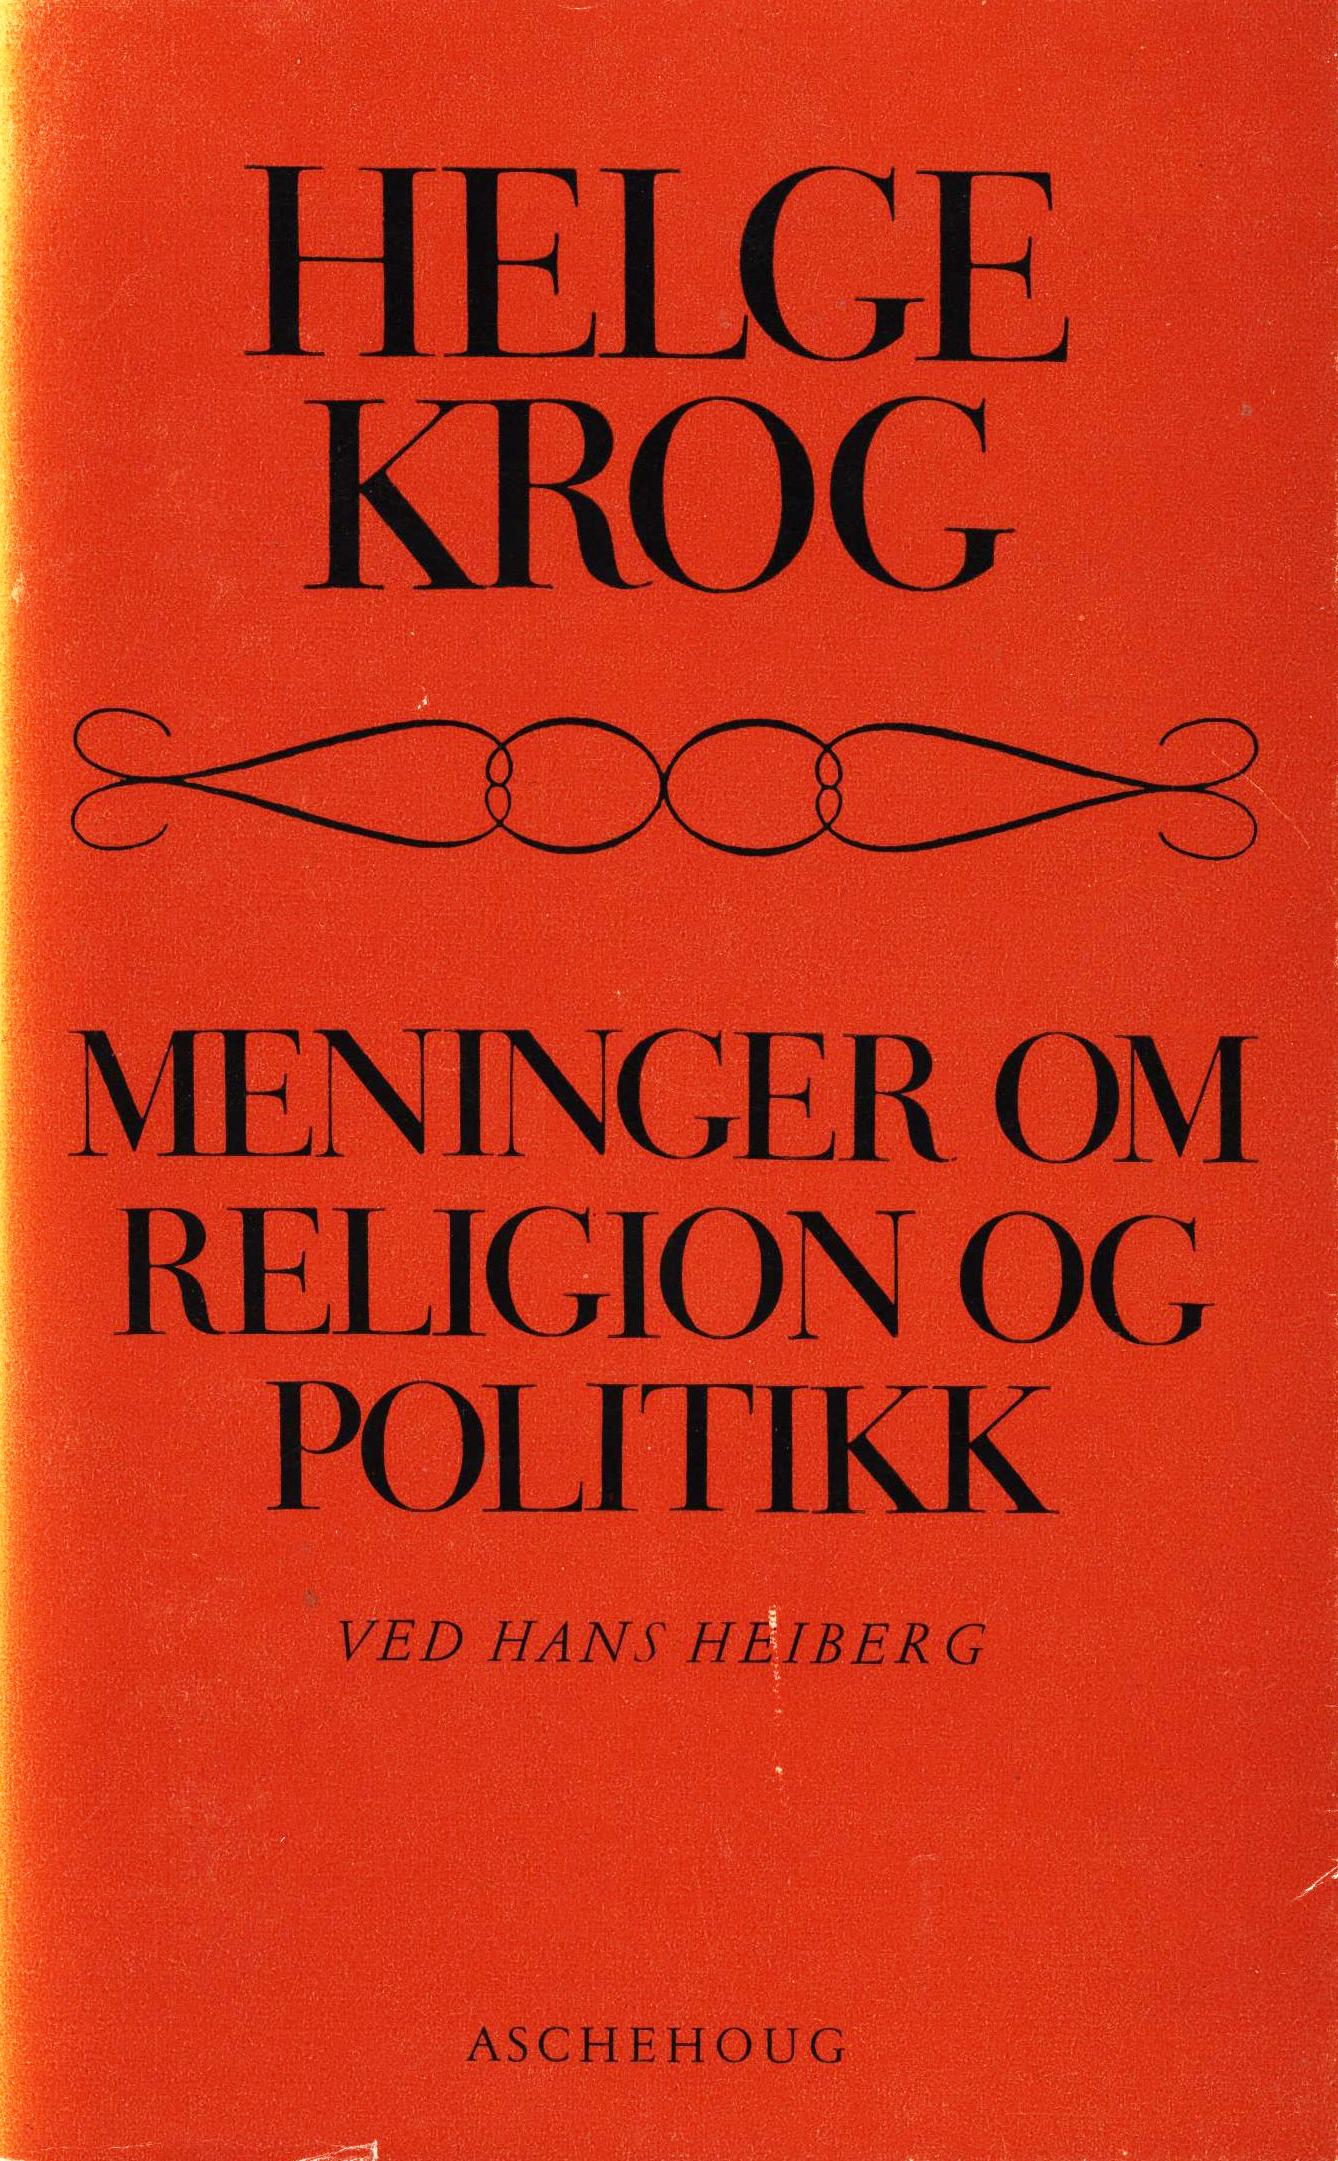 Helge Krog: Meninger om religion og politikk